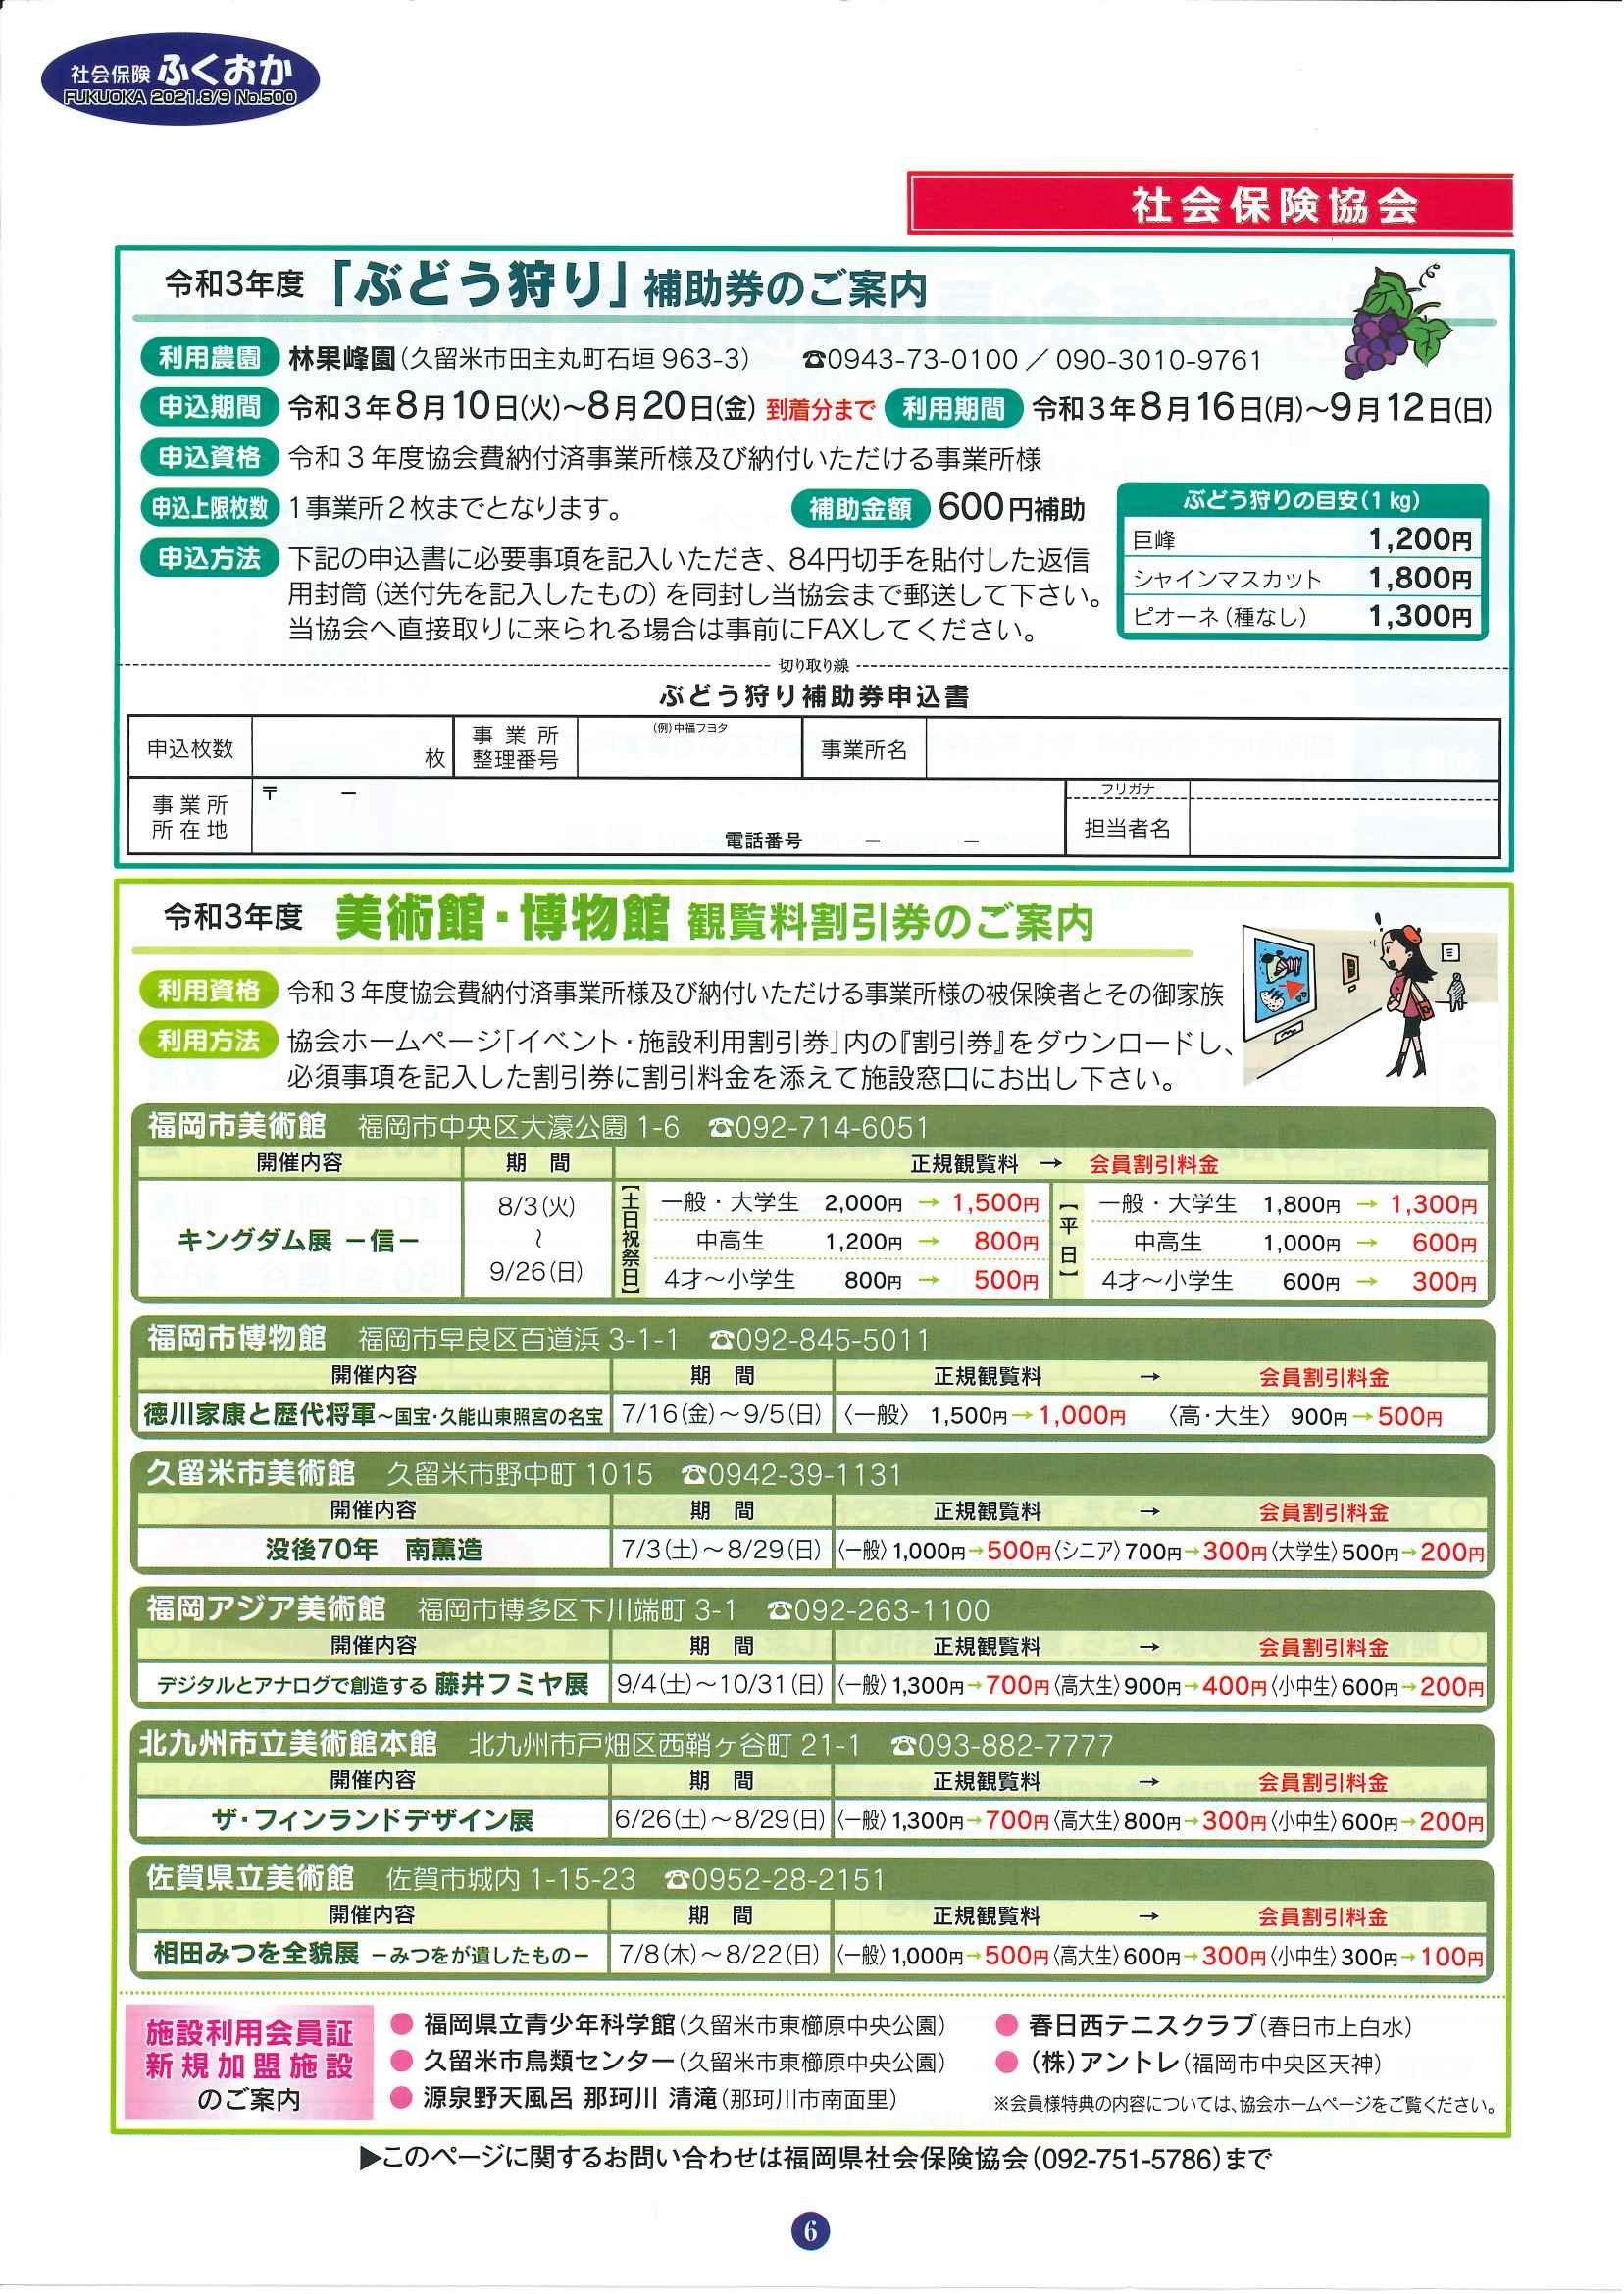 社会保険「ふくおか」2021年 8・9月号_f0120774_09563310.jpg